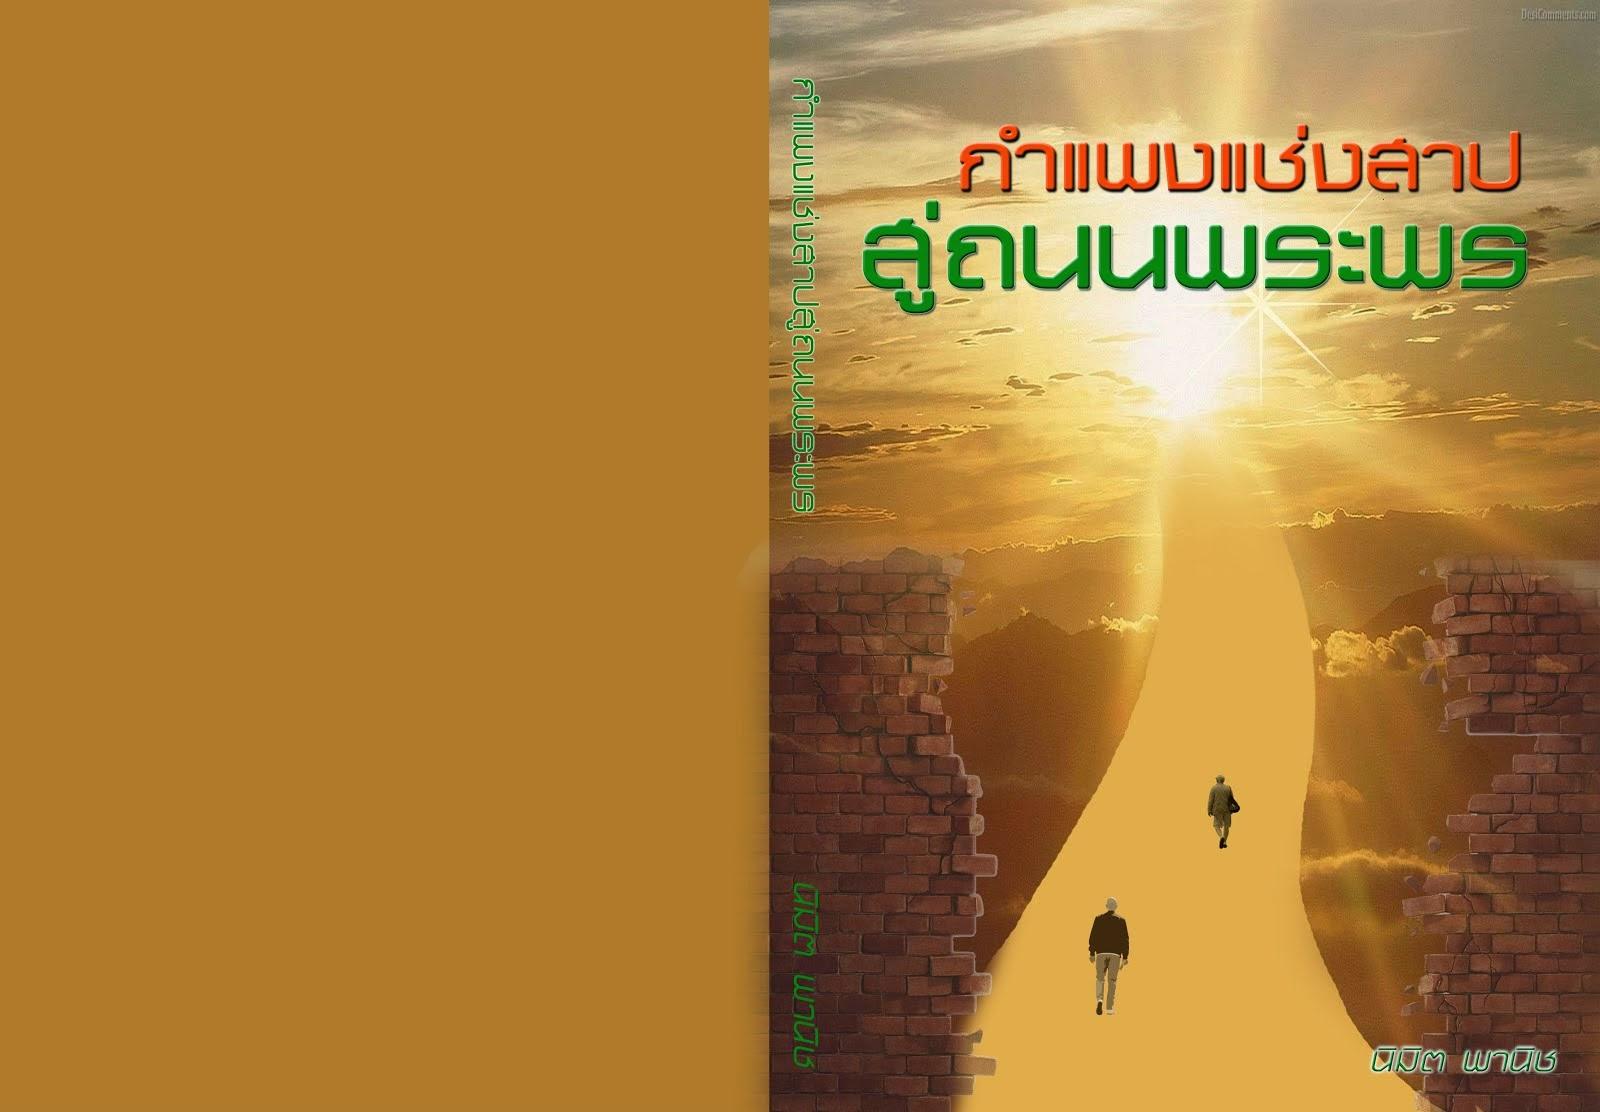 """เตรียมพบกับหนังสือเล่มใหม่ของอ.นิมิต พานิช """"กำแพงแช่งสาปสู่ถนนแห่งพระพร"""" ต้นปี 2015"""